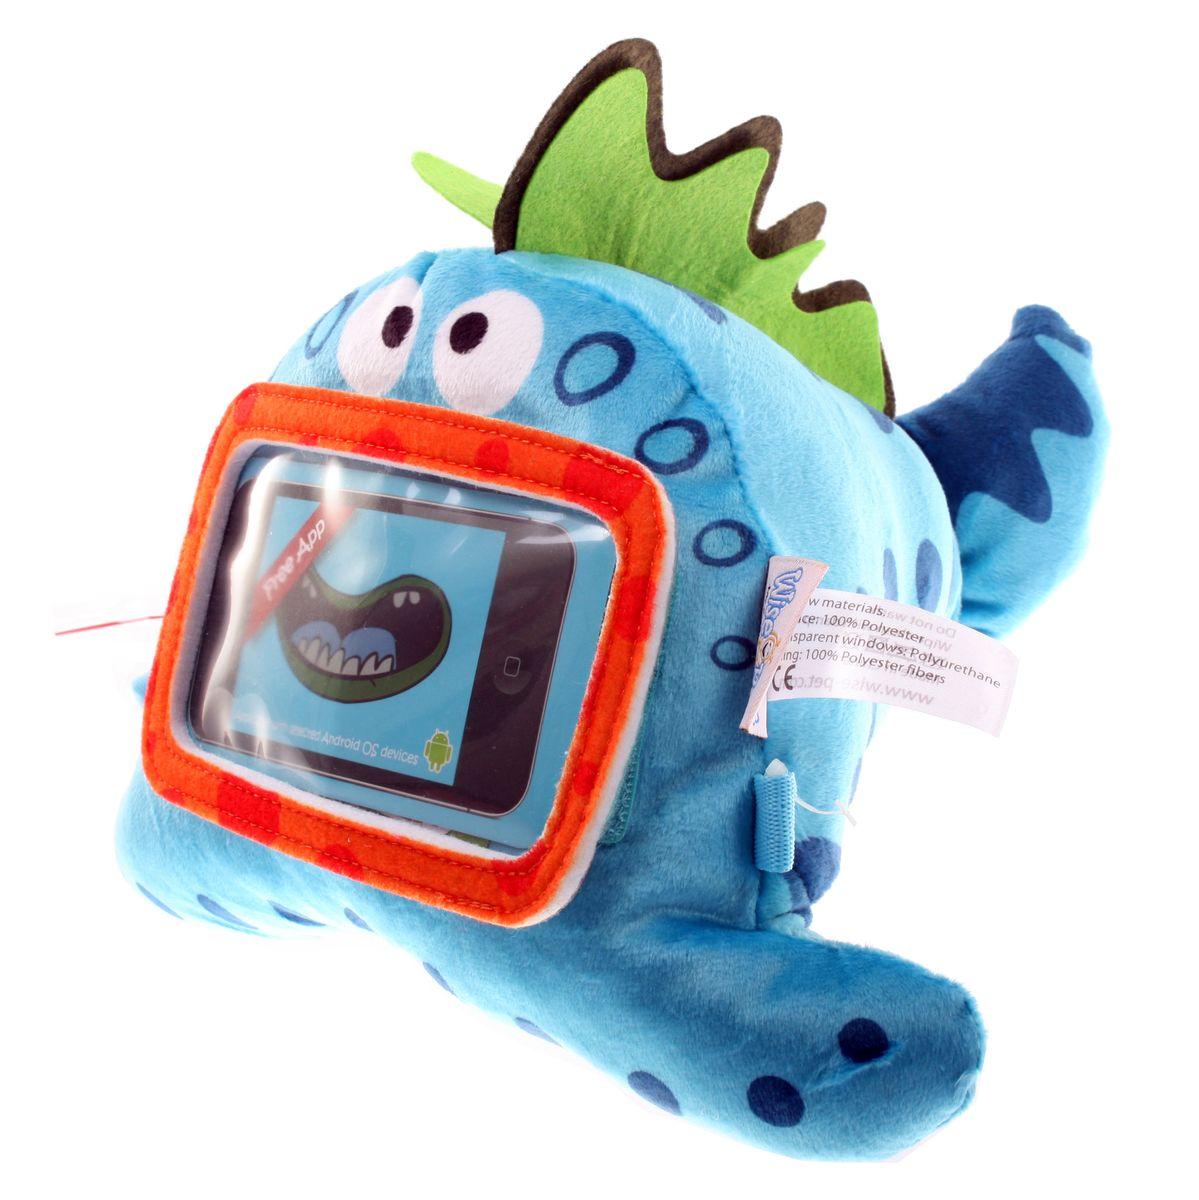 Wise Pet Мягкая игрушка Sealy с прозрачным карманом для смартфона900002Вы когда-нибудь вступали в контакт с инопланетянами? Нет? Тогда у Вас есть уникальная возможность это сделать! И знаете, с ними есть о чем поговорить, а главное, это очень весело, особенно для детей, которые с огромным удовольствием будут играть и общаться с этим симпатичным инопланетянином! Чтобы перевести его речь, Вам потребуется ваш iPhone и бесплатное приложение Wise Pet. Вставьте гаджет в прозрачный кармашек игрушке, запустите приложение и веселитесь вместе с детьми! Благодаря этому приложению, инопланетянин будет повторять все, что Вы или Ваш ребенок скажете ему, при этом шевеля мультяшным ртом, либо расскажет сказку, которую Вы можете записать самостоятельно. В приложении есть множество различных мордашек, которые можно менять. Когда инопланетянин повторяет сказанные фразы, он шевелит ртом. Наговорившись, этот инопланетянин с удовольствием покажет Вашему ребенку мультики или сыграет с ним в игры, которые припас для него. Эту игрушку можно также прикрепить к спинке...